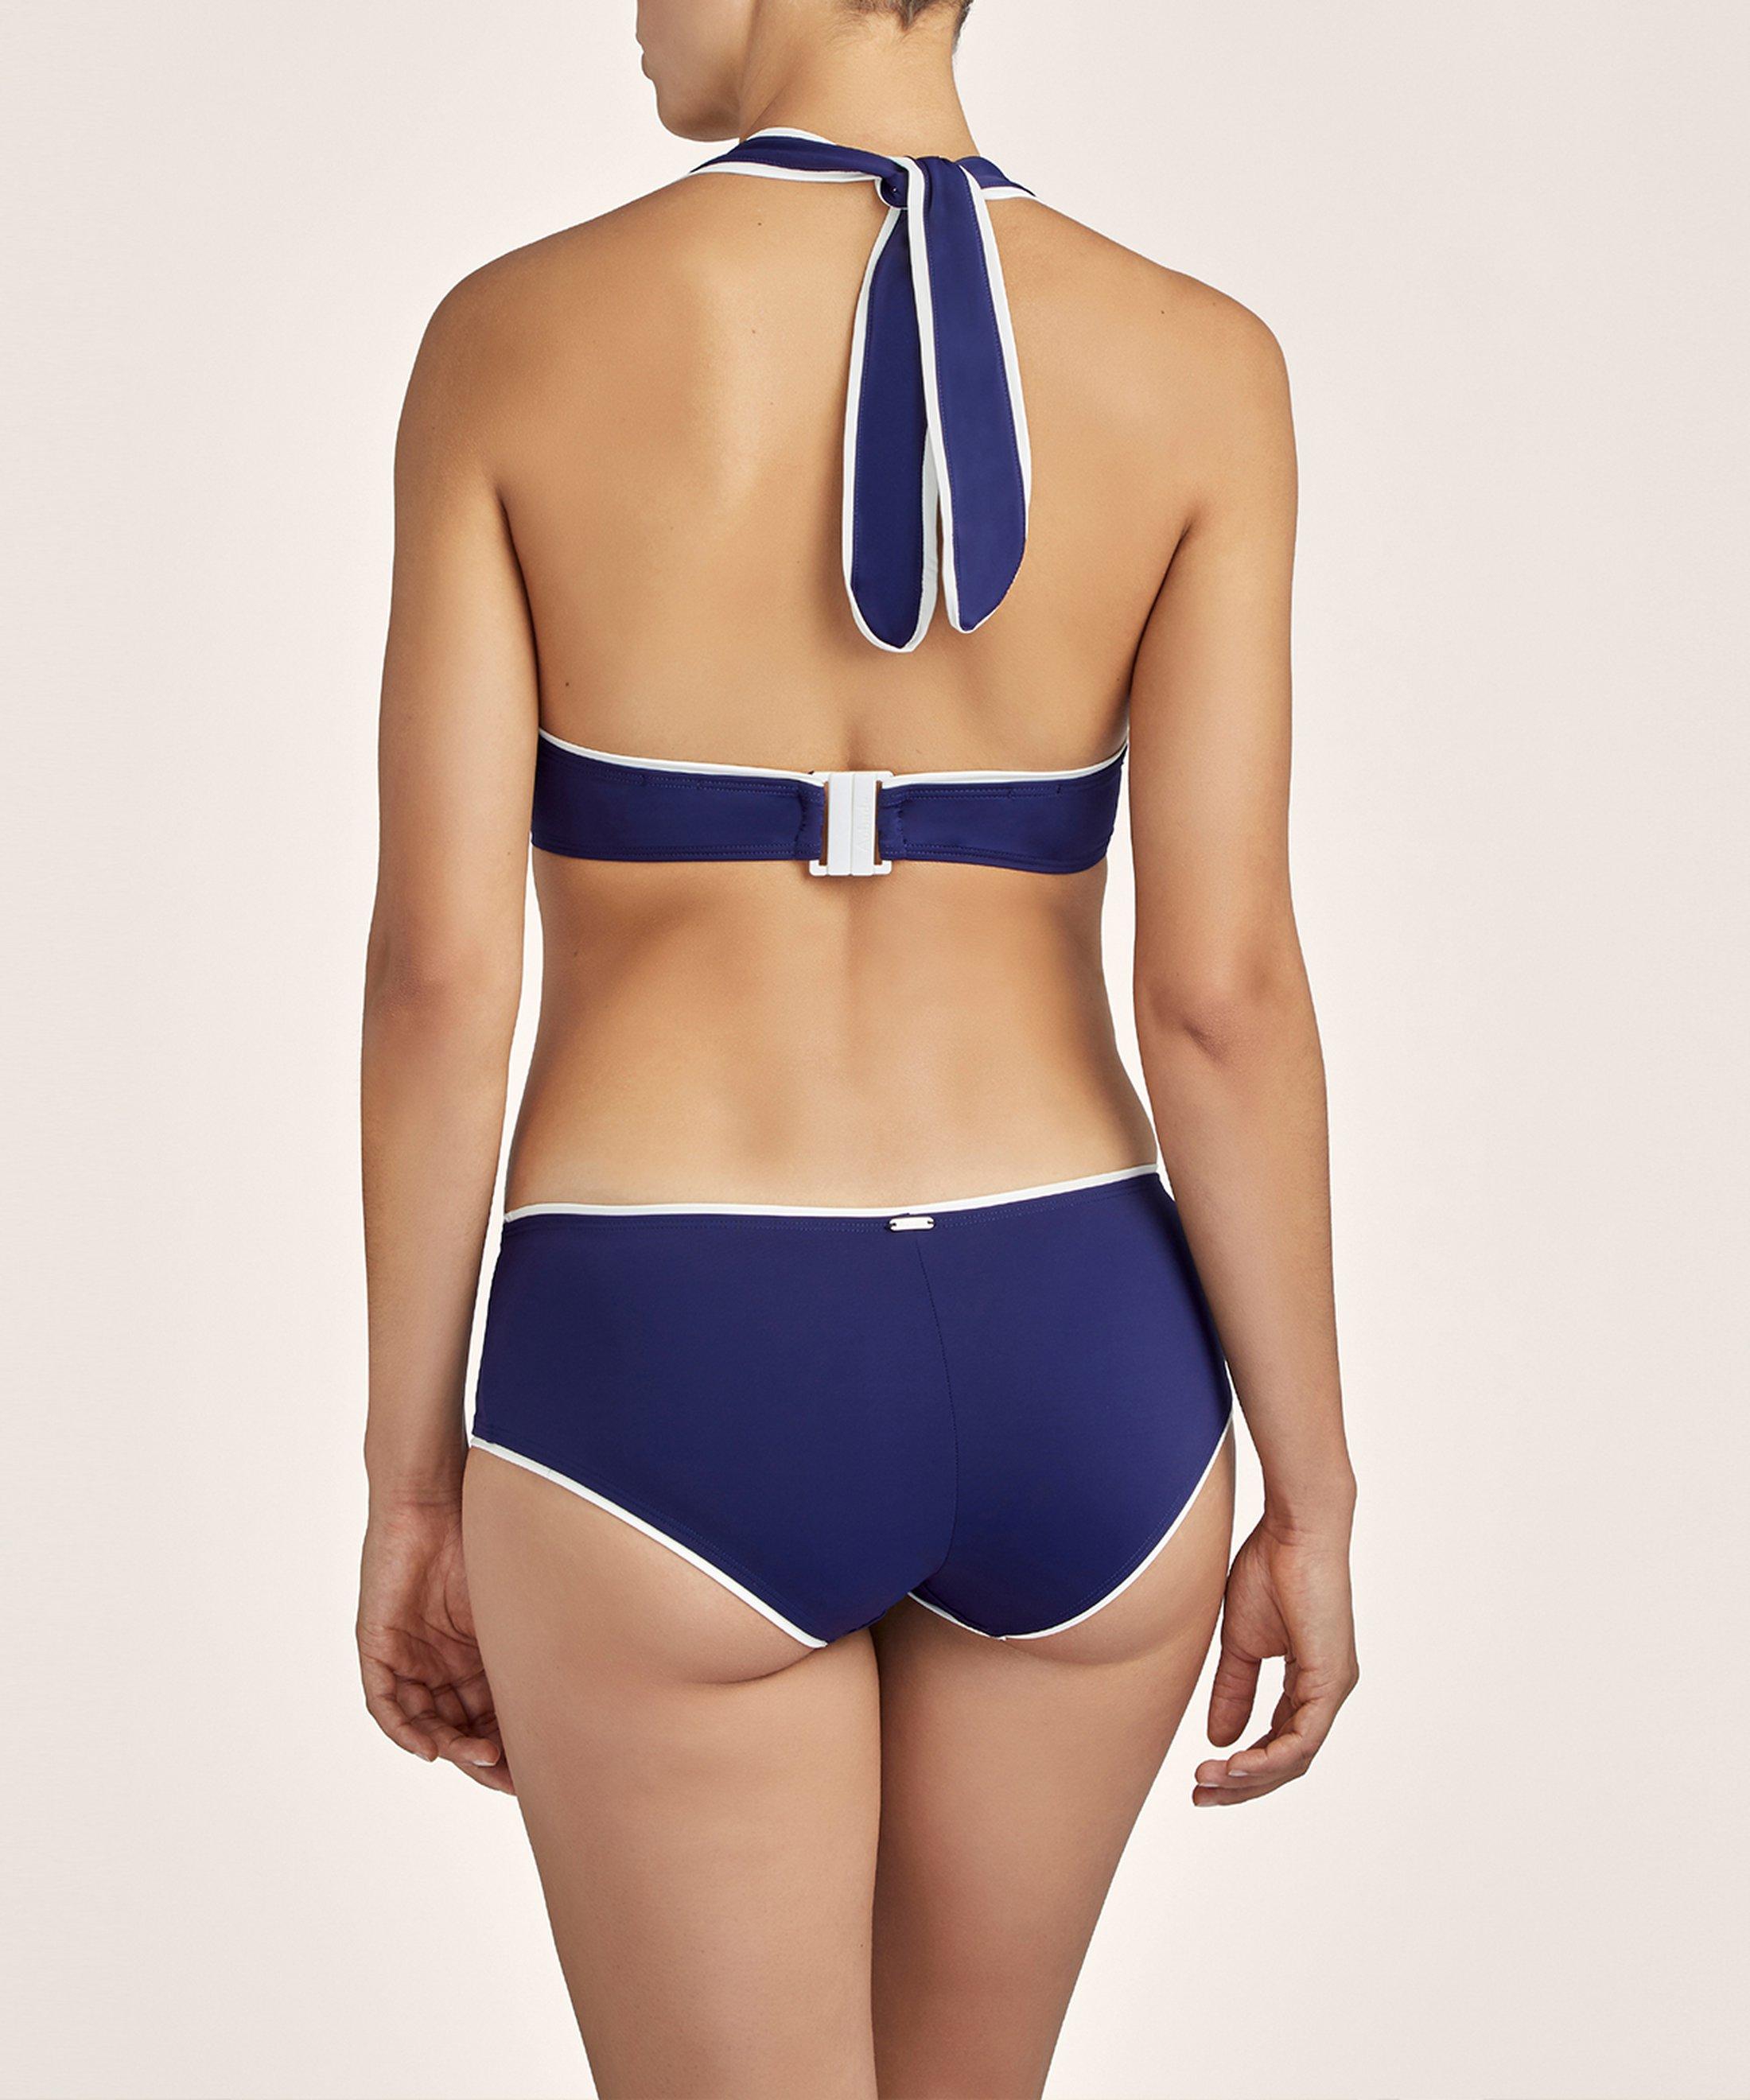 LA BAIE DES VAGUES Haut de maillot de bain balconnet Encre Bleue | Aubade